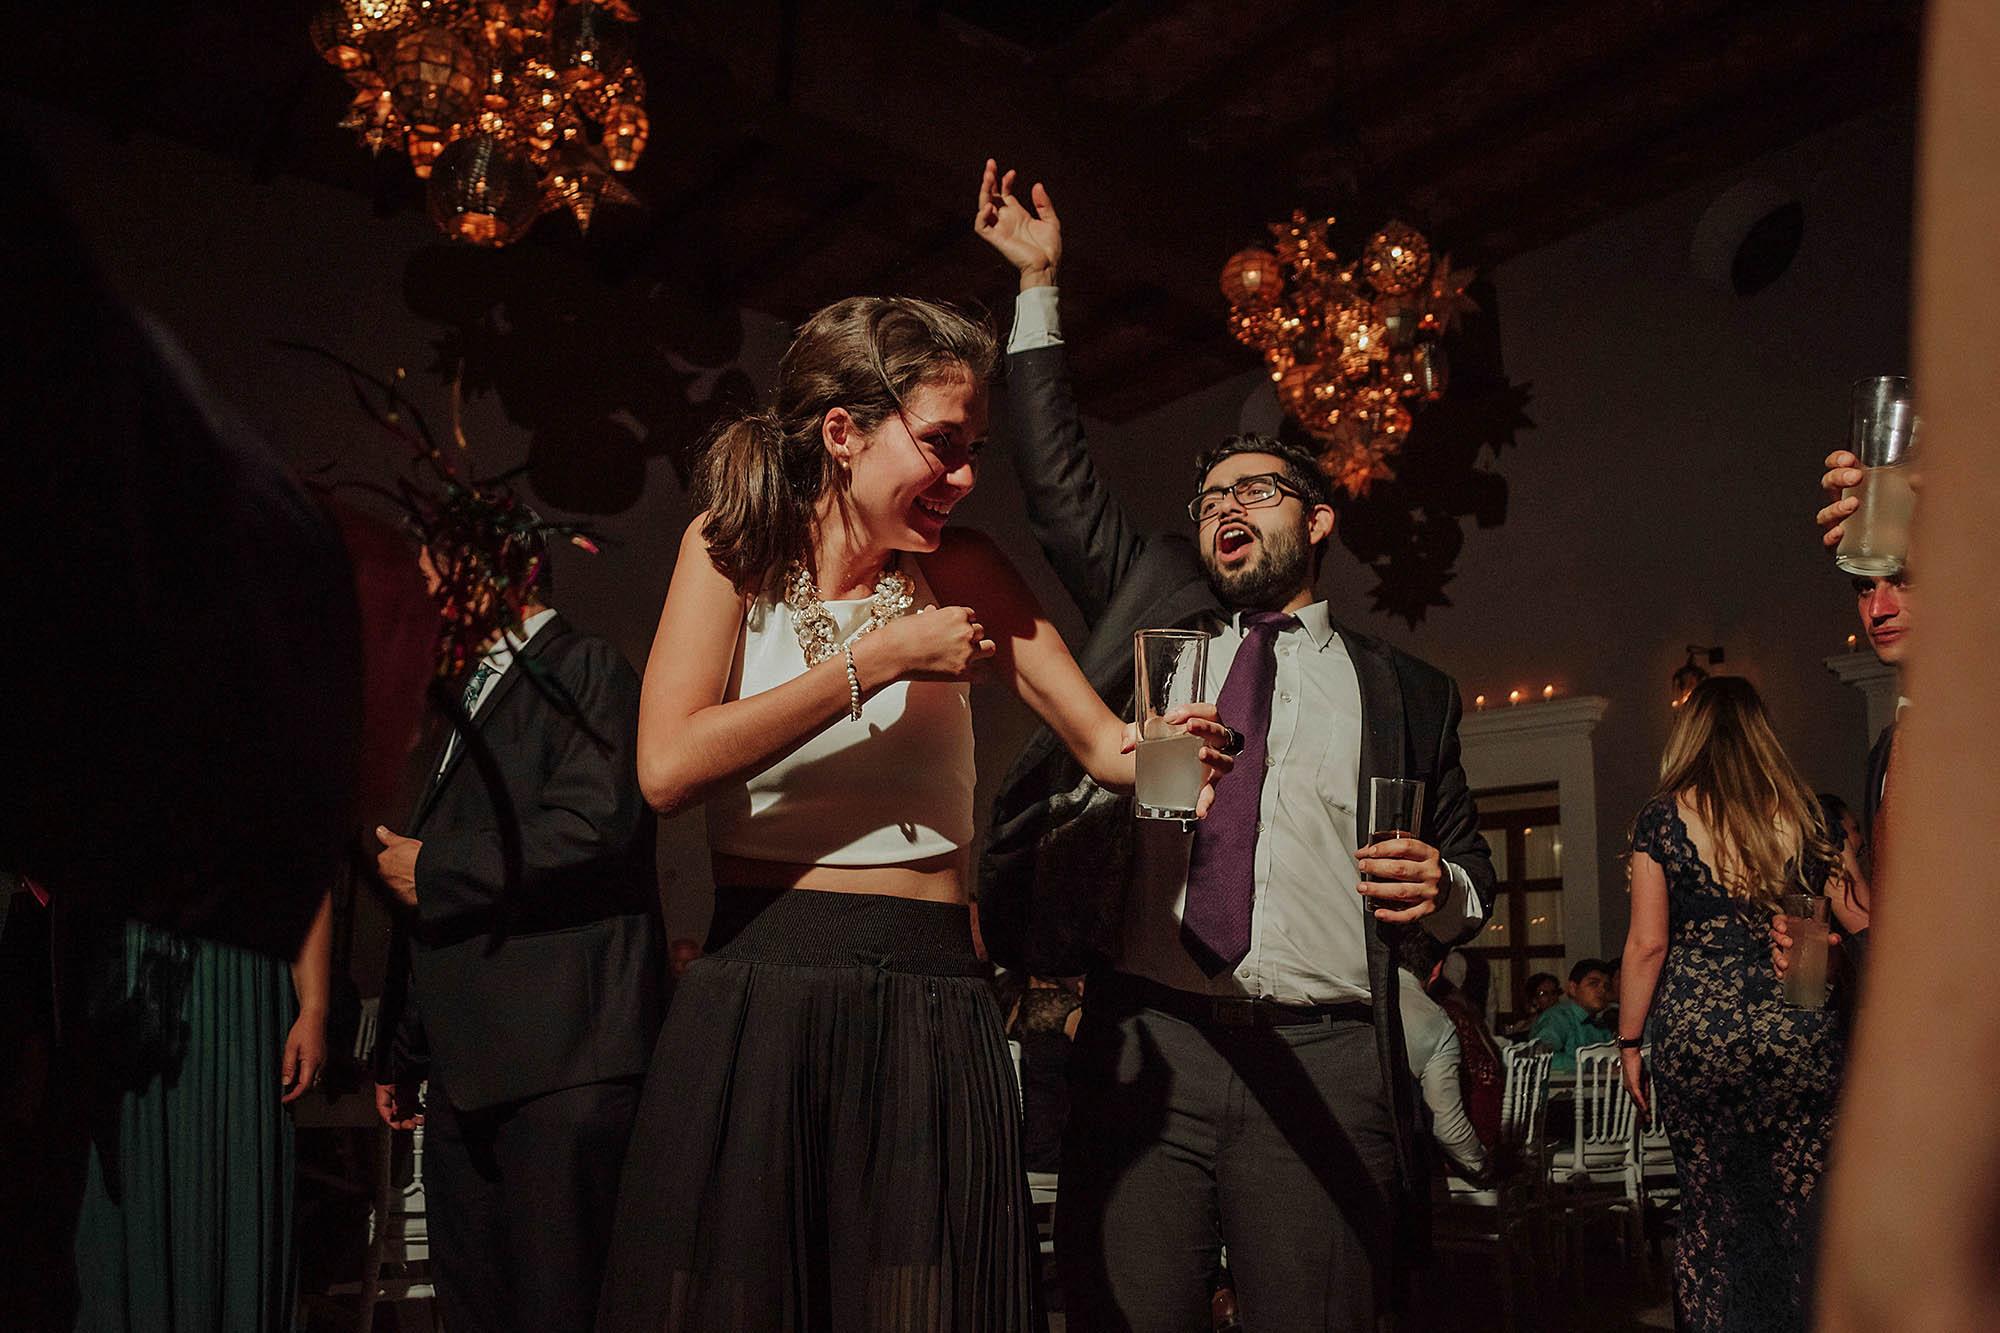 fotografia-de-boda-destino-Jimena-Mañon-Javier-Mere-55.jpg